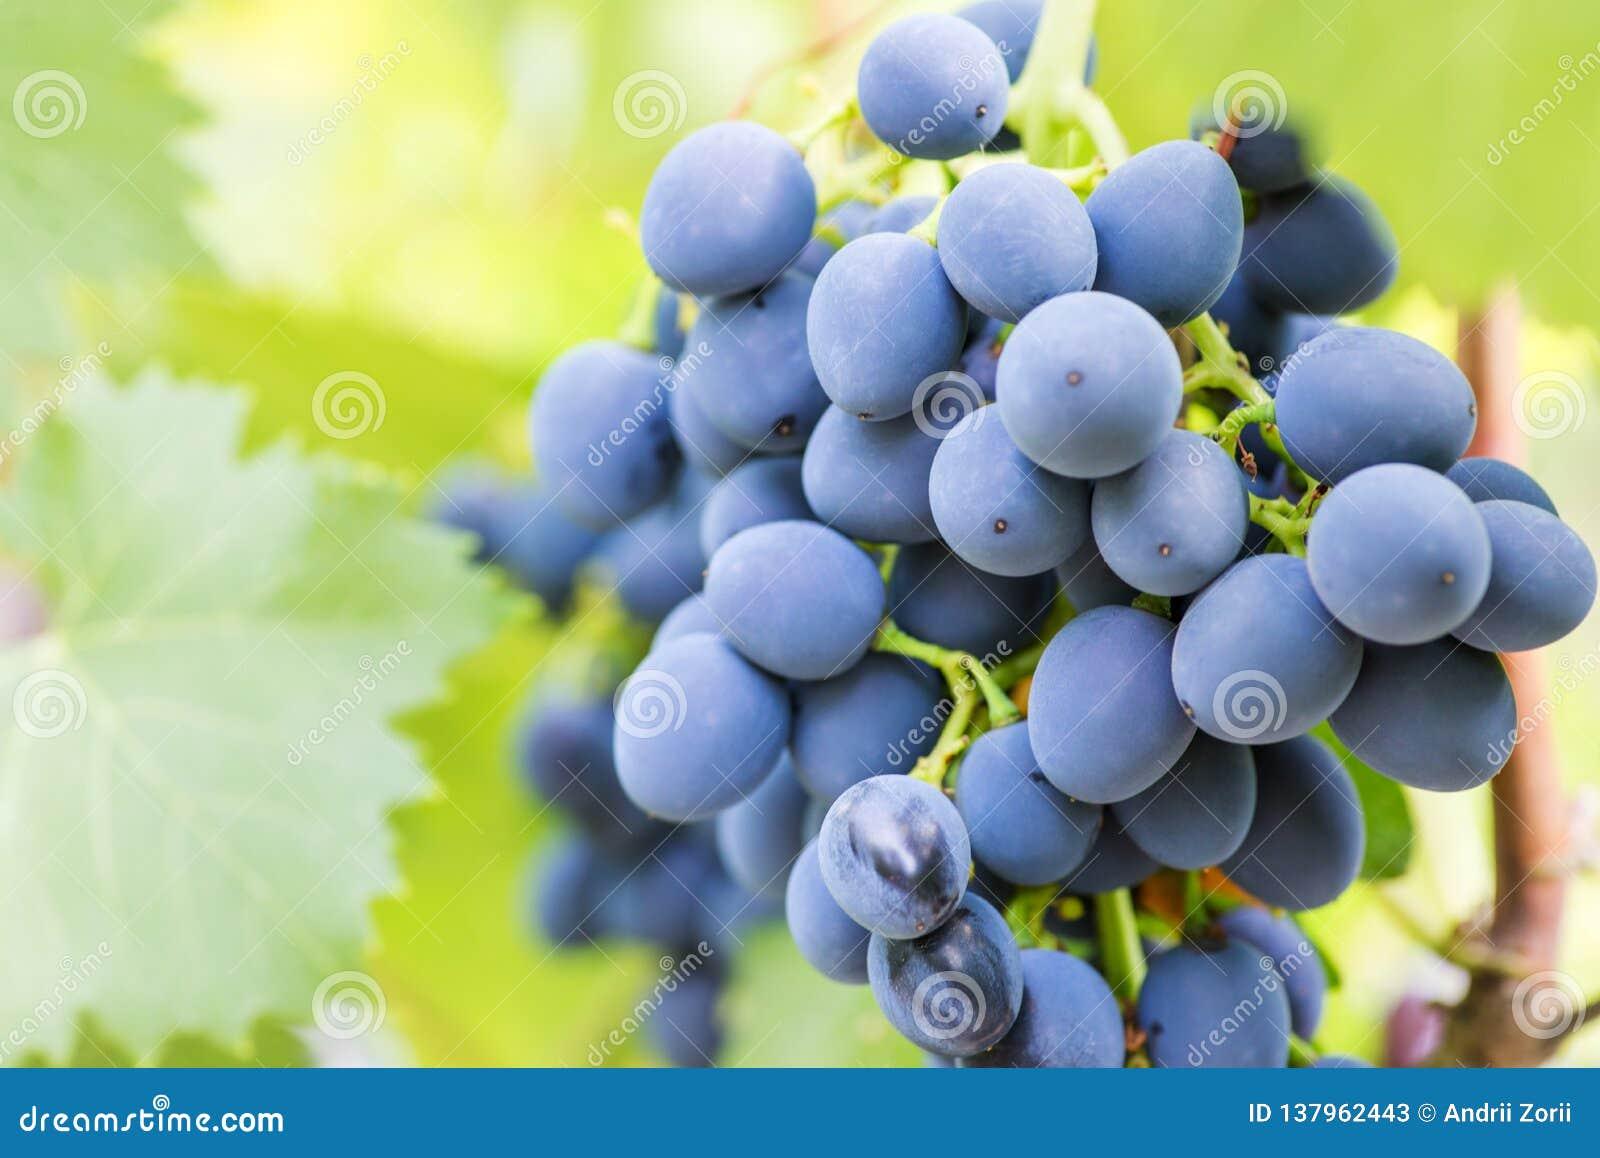 Enkla gruppdruvor på vinranka Närbild av grupper av mogna vindruvor på vinranka blå druvavingård